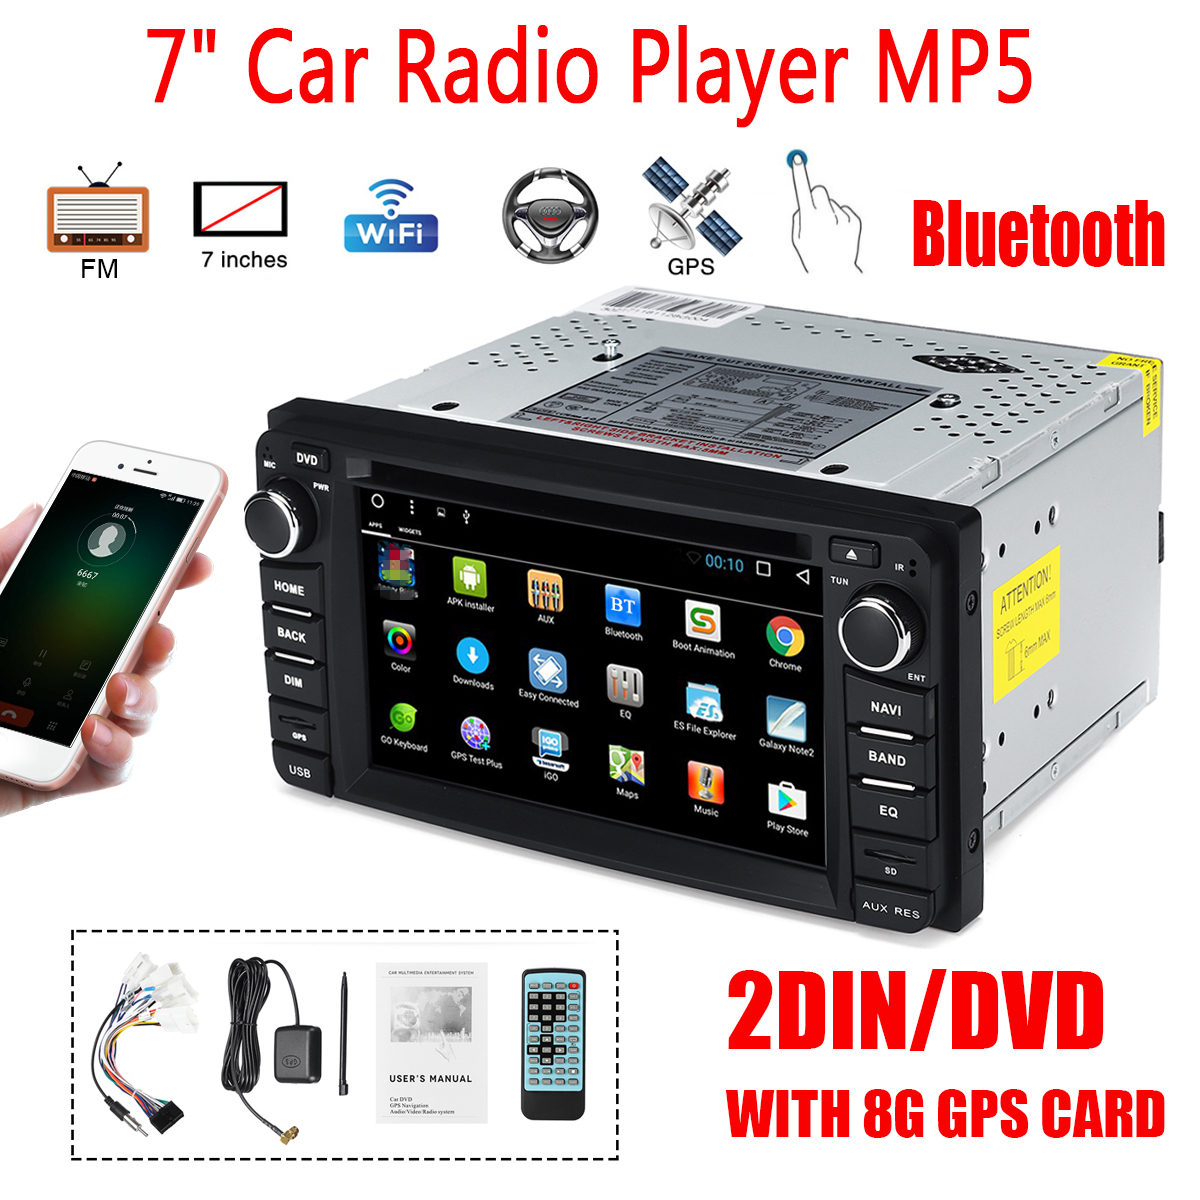 Lecteur multimédia de voiture 7 pouces 2 DIN 8G carte GPS bluetooth WiFi FM DVD autoradio MP5 lecteur DVD CD écran tactile pour Toyota